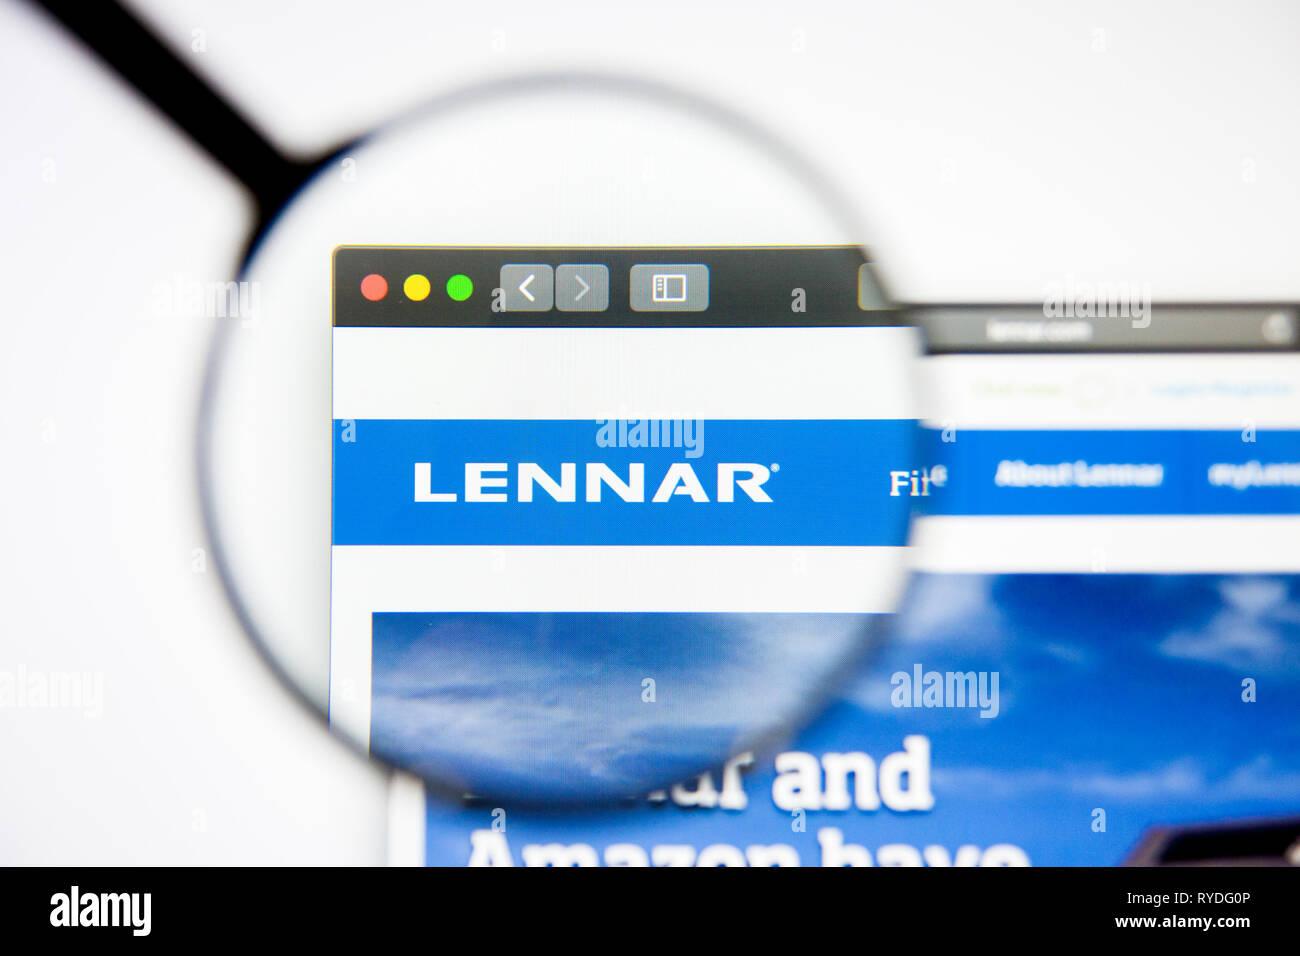 Los Angeles, Californie, USA - 5 mars 2019 - Lennar accueil du site. Logo Lennar visible sur l'écran d'affichage, de rédaction d'illustration Photo Stock